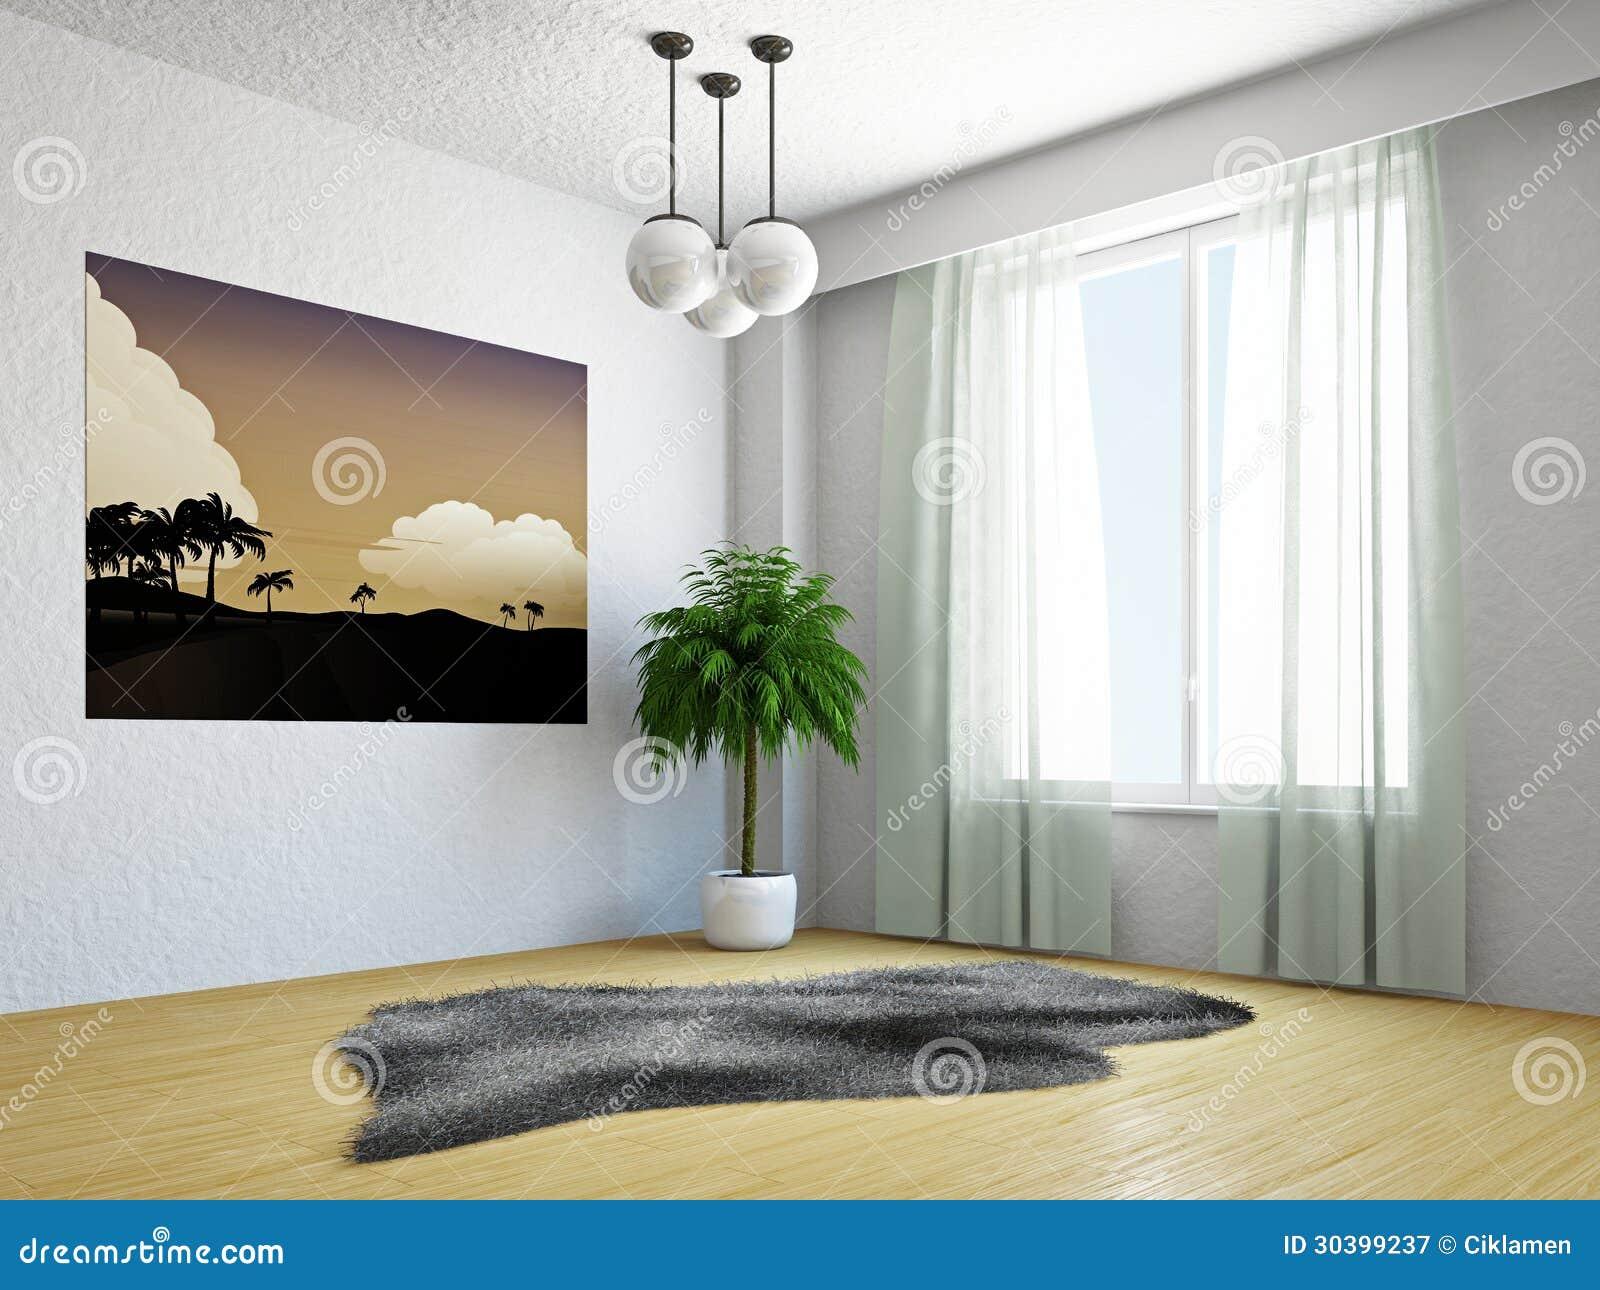 wohnzimmer mit palme lizenzfreie stockfotografie - bild: 30399237, Hause deko